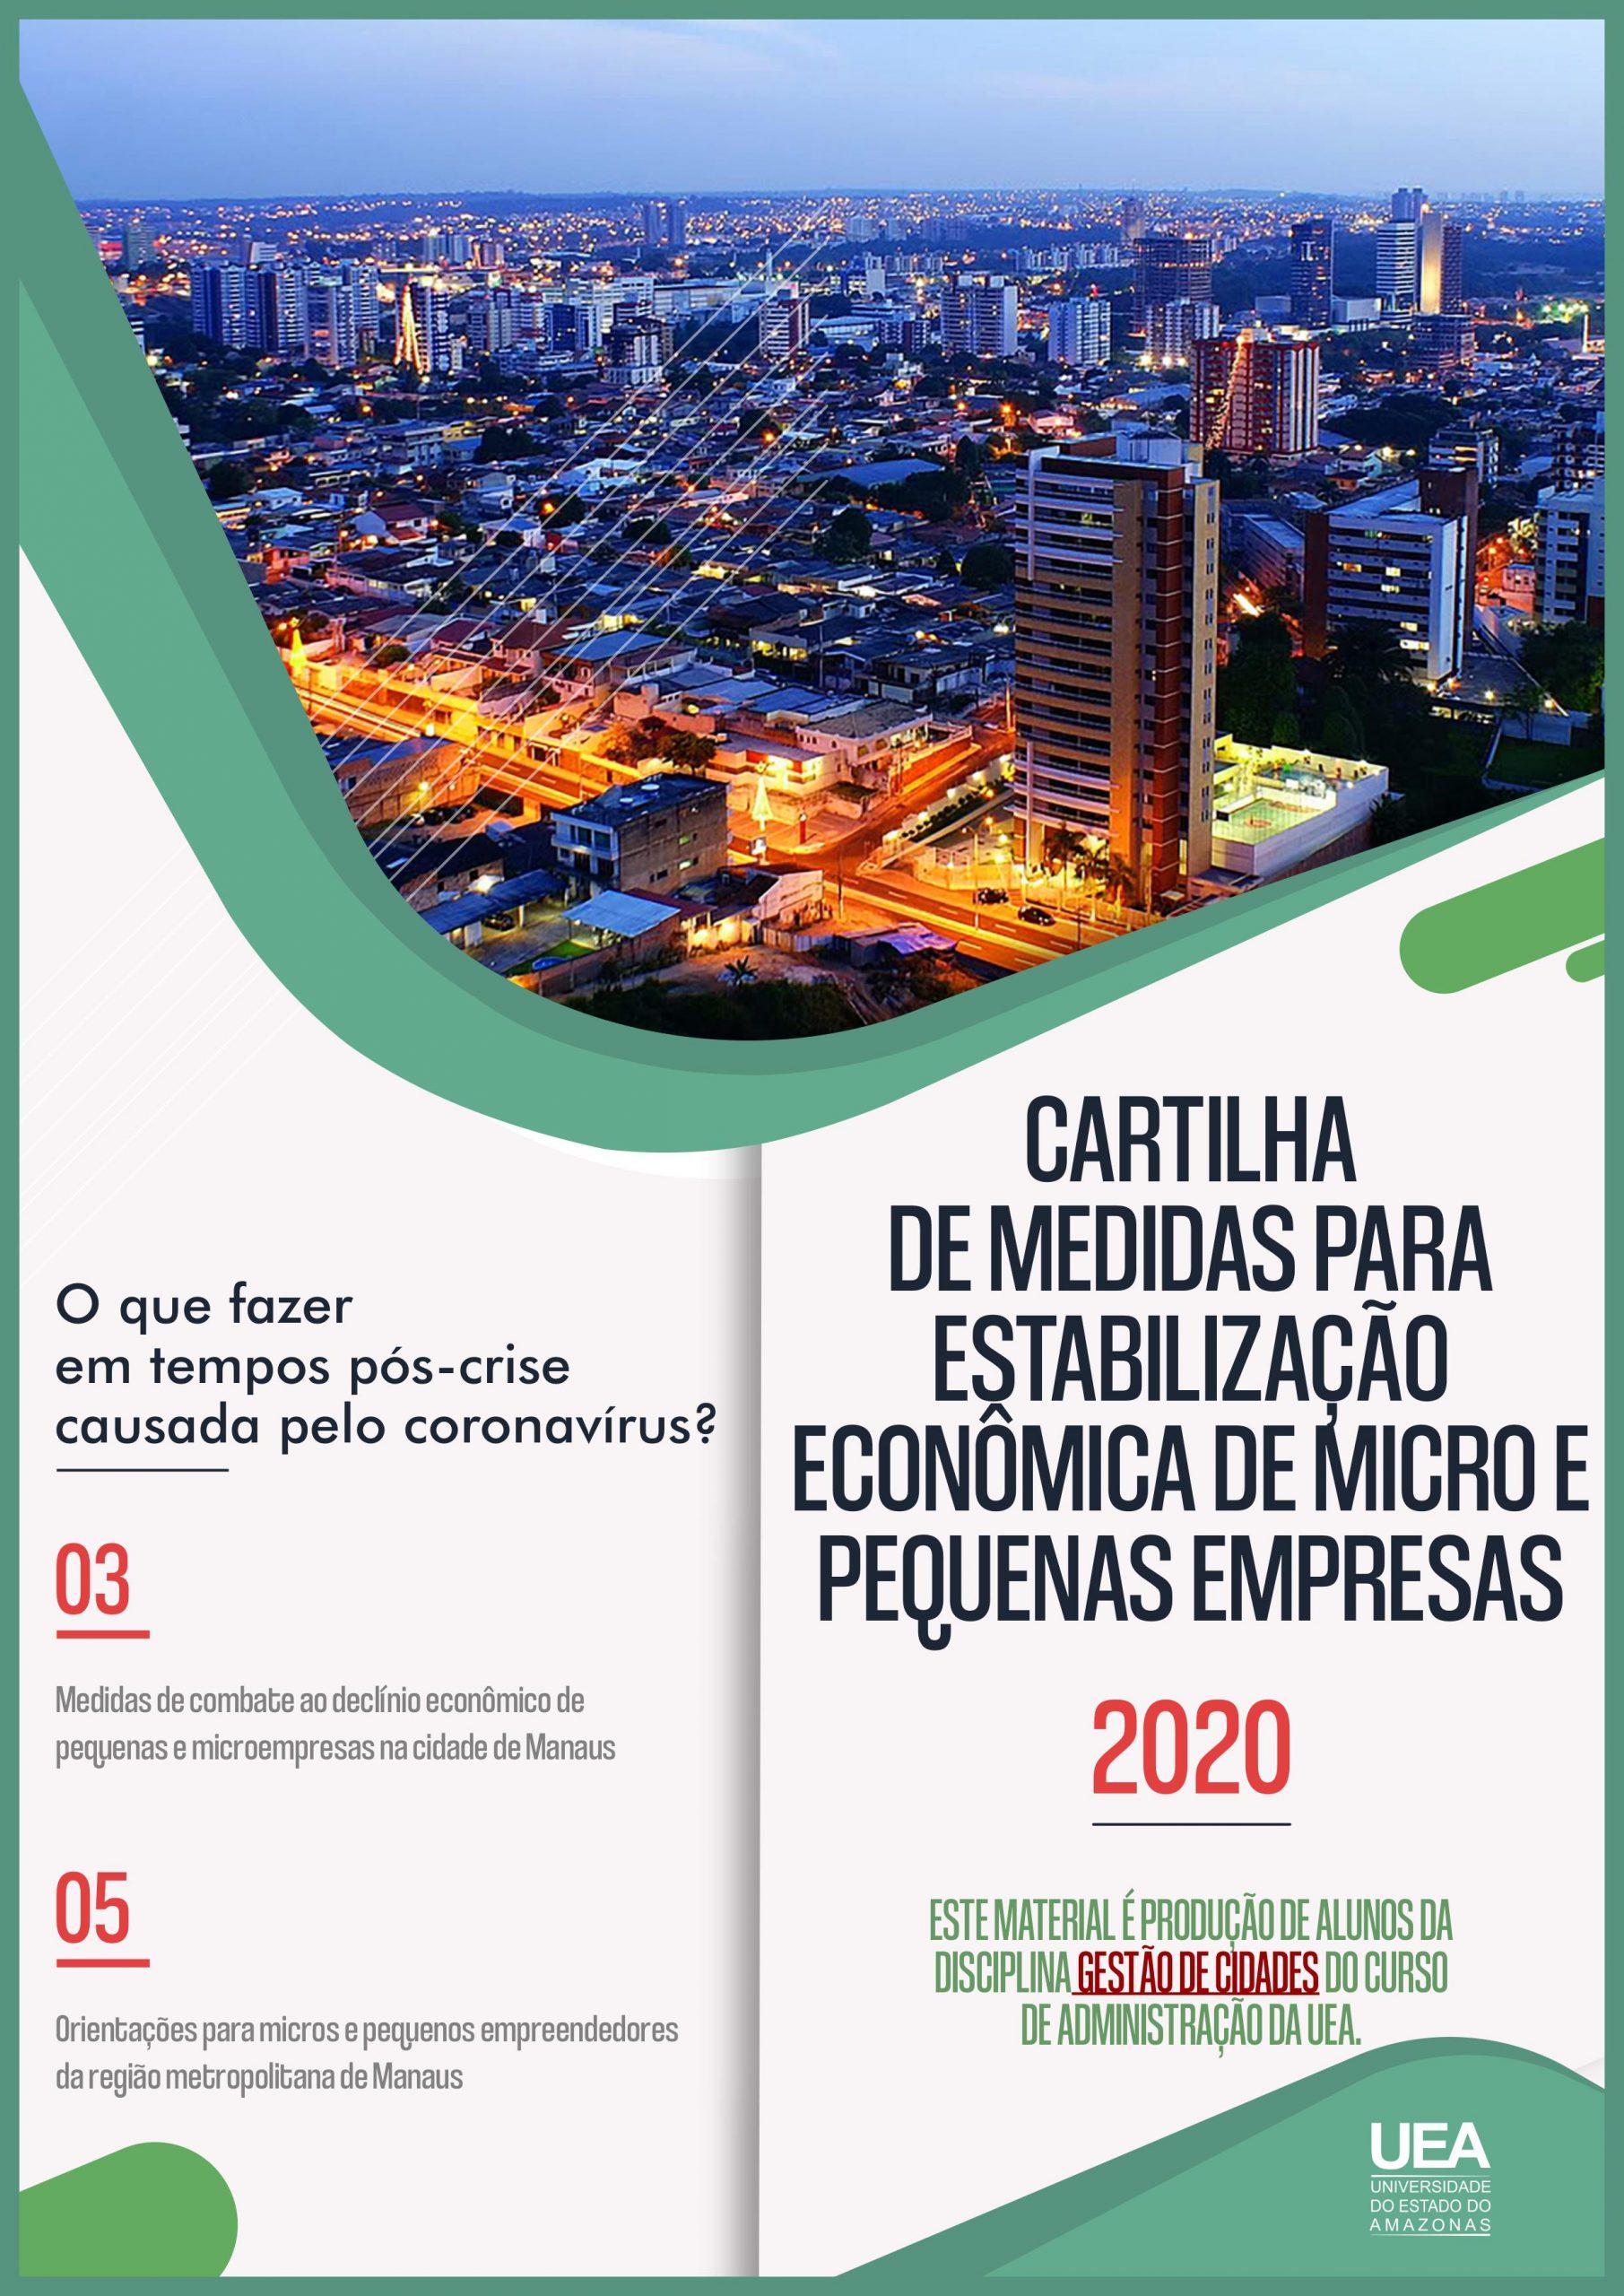 CARTILHA DE MEDIDAS PARA ESTABILIZAÇÃO ECONÔMICA DE MICRO E PEQUENAS EMPRESAS